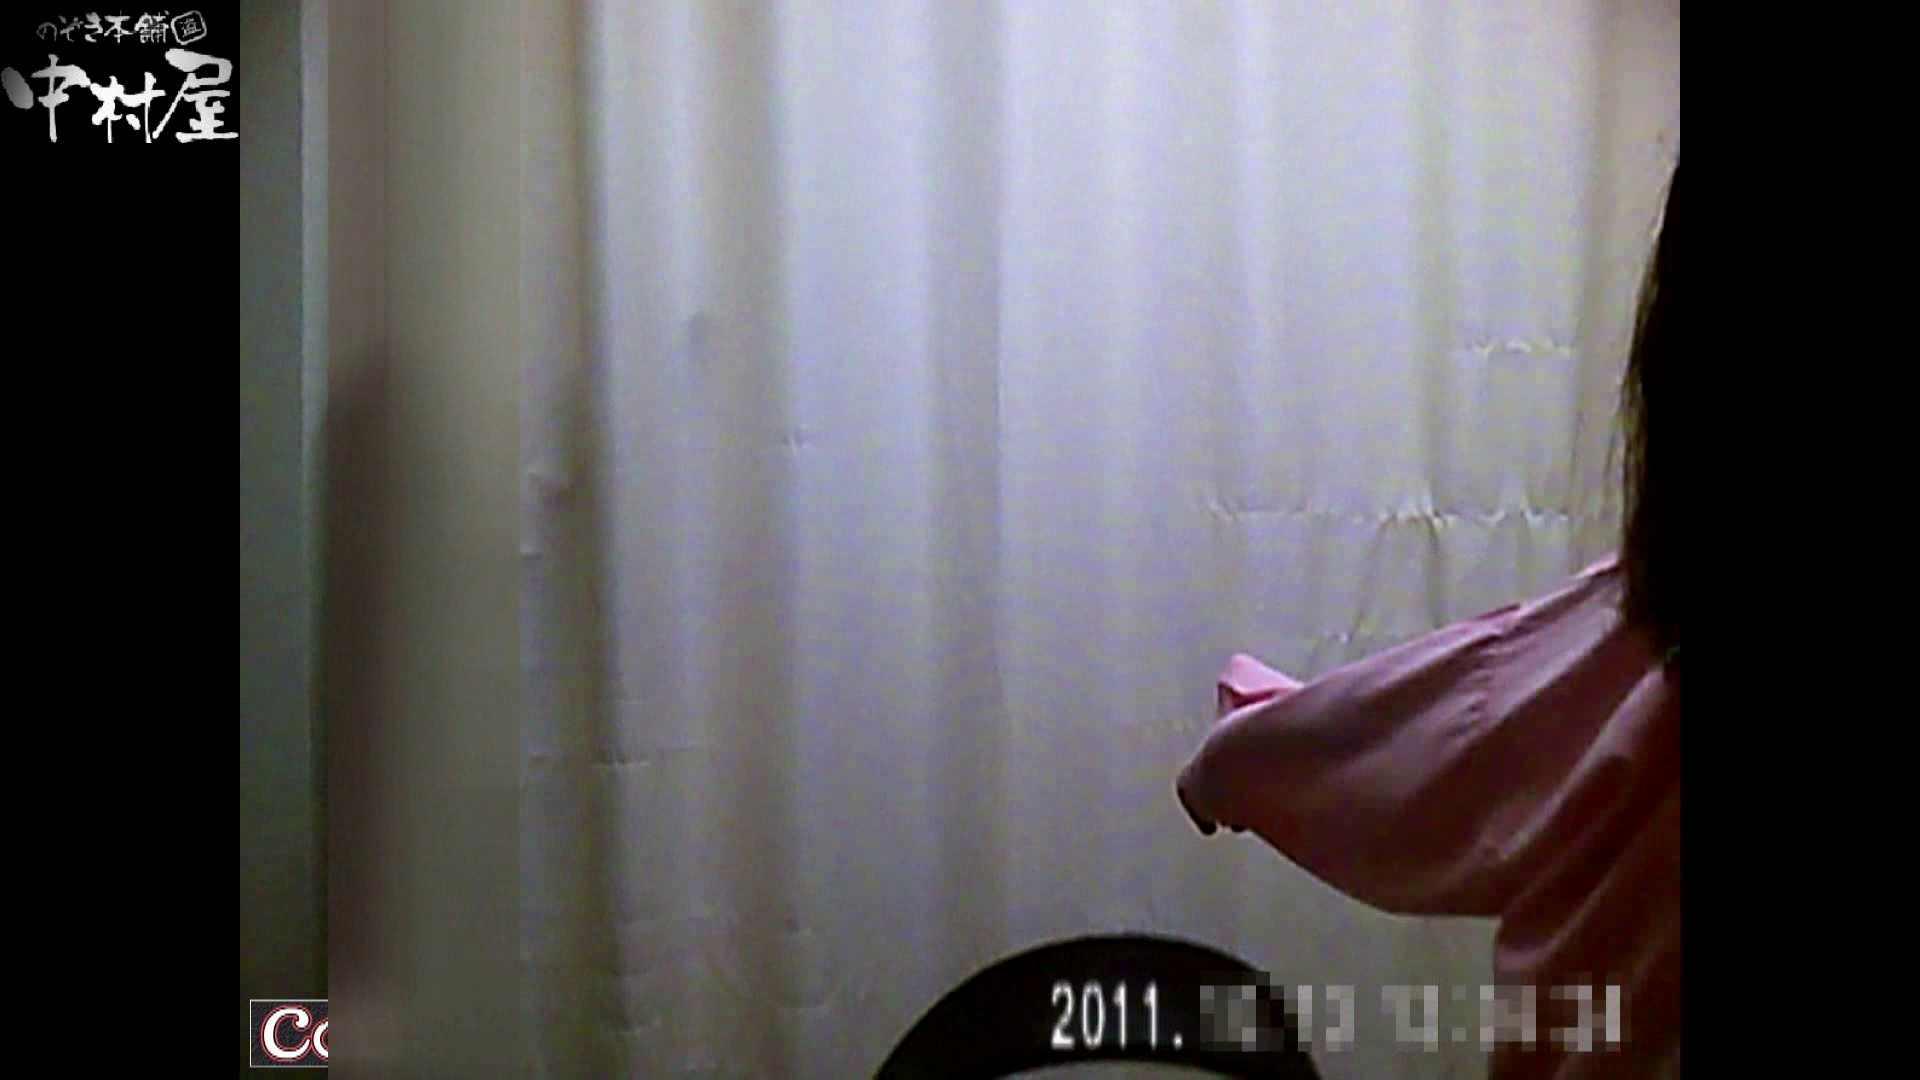 激ヤバ健康診断!着替えの一部始終.vol.56※本編ボカシ・目線無し エロいOL 盗撮画像 79枚